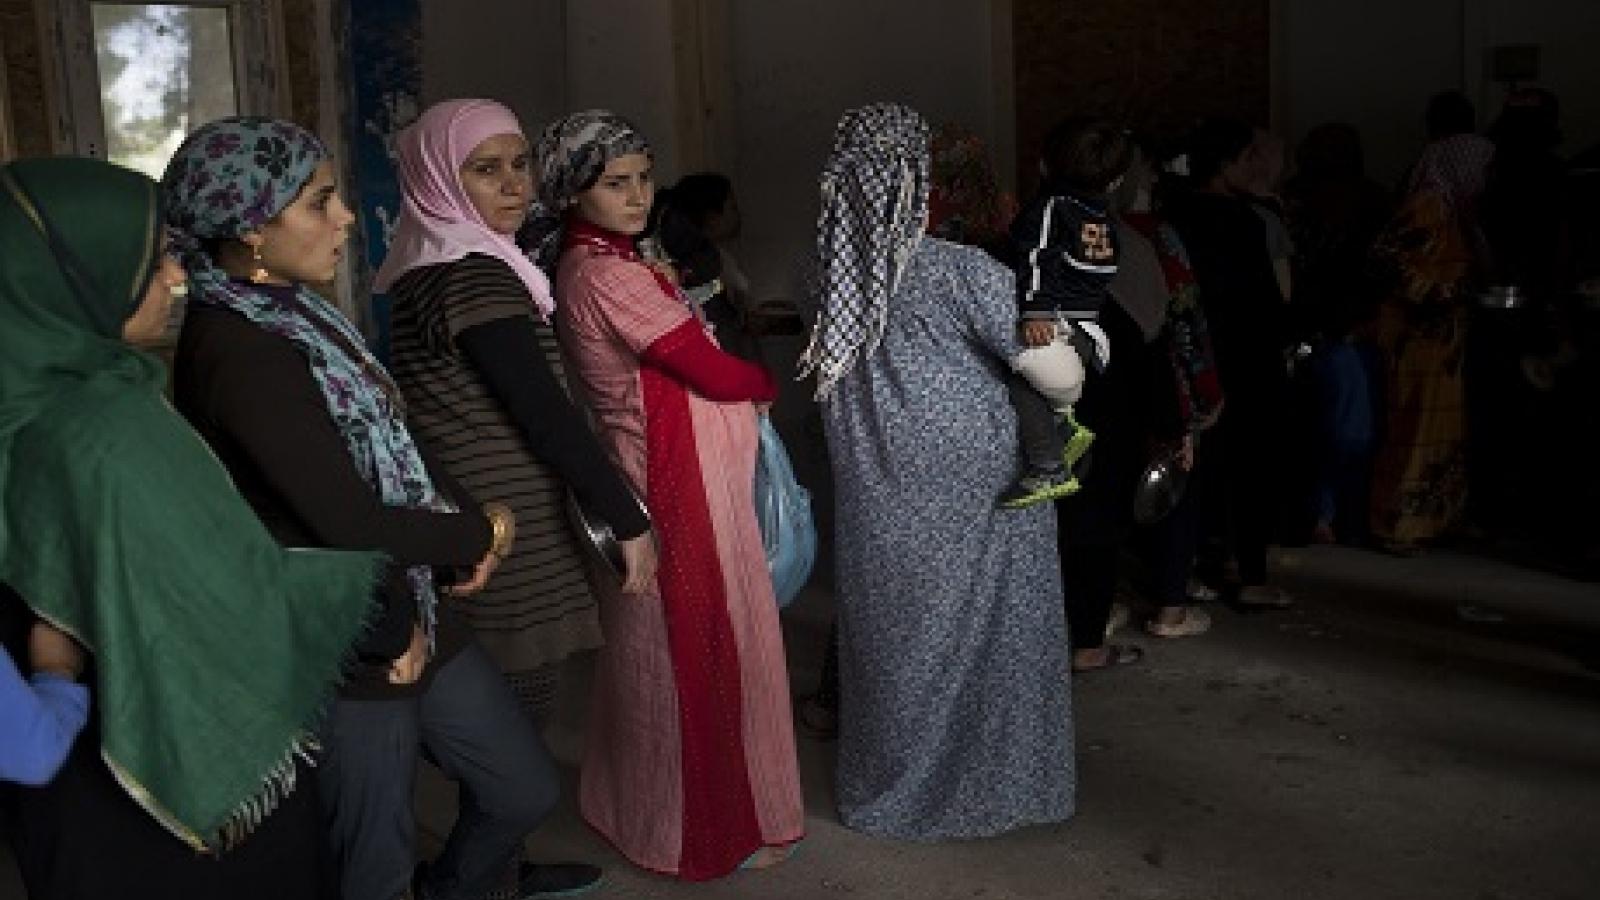 Syria đối mặt với khủng hoảng nhân đạo trầm trọng do Covid-19